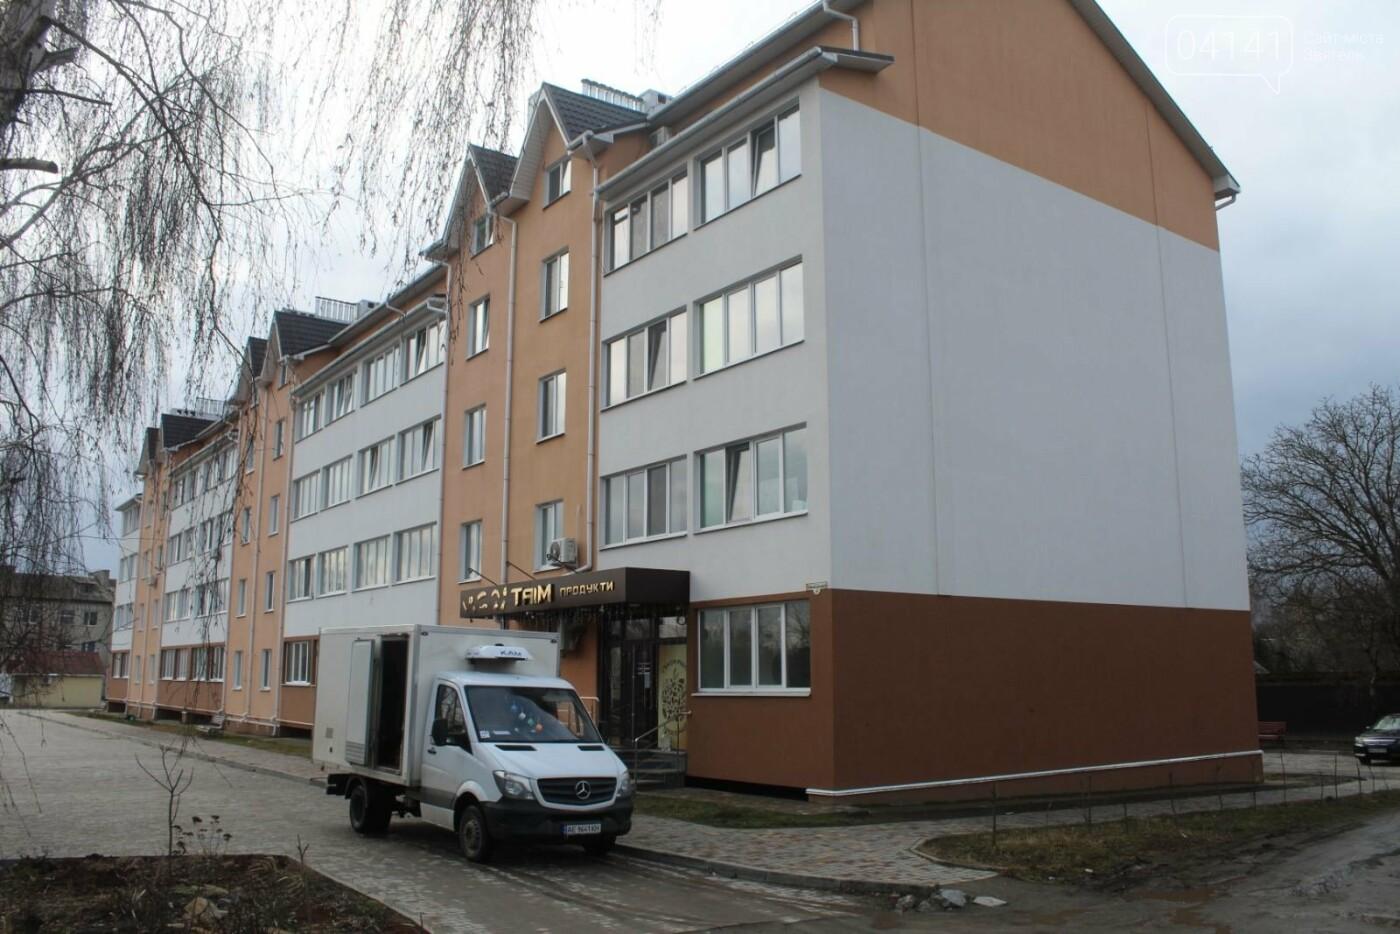 Як виглядають новобудови Новограда-Волинського (ФОТОРЕПОРТАЖ), фото-1